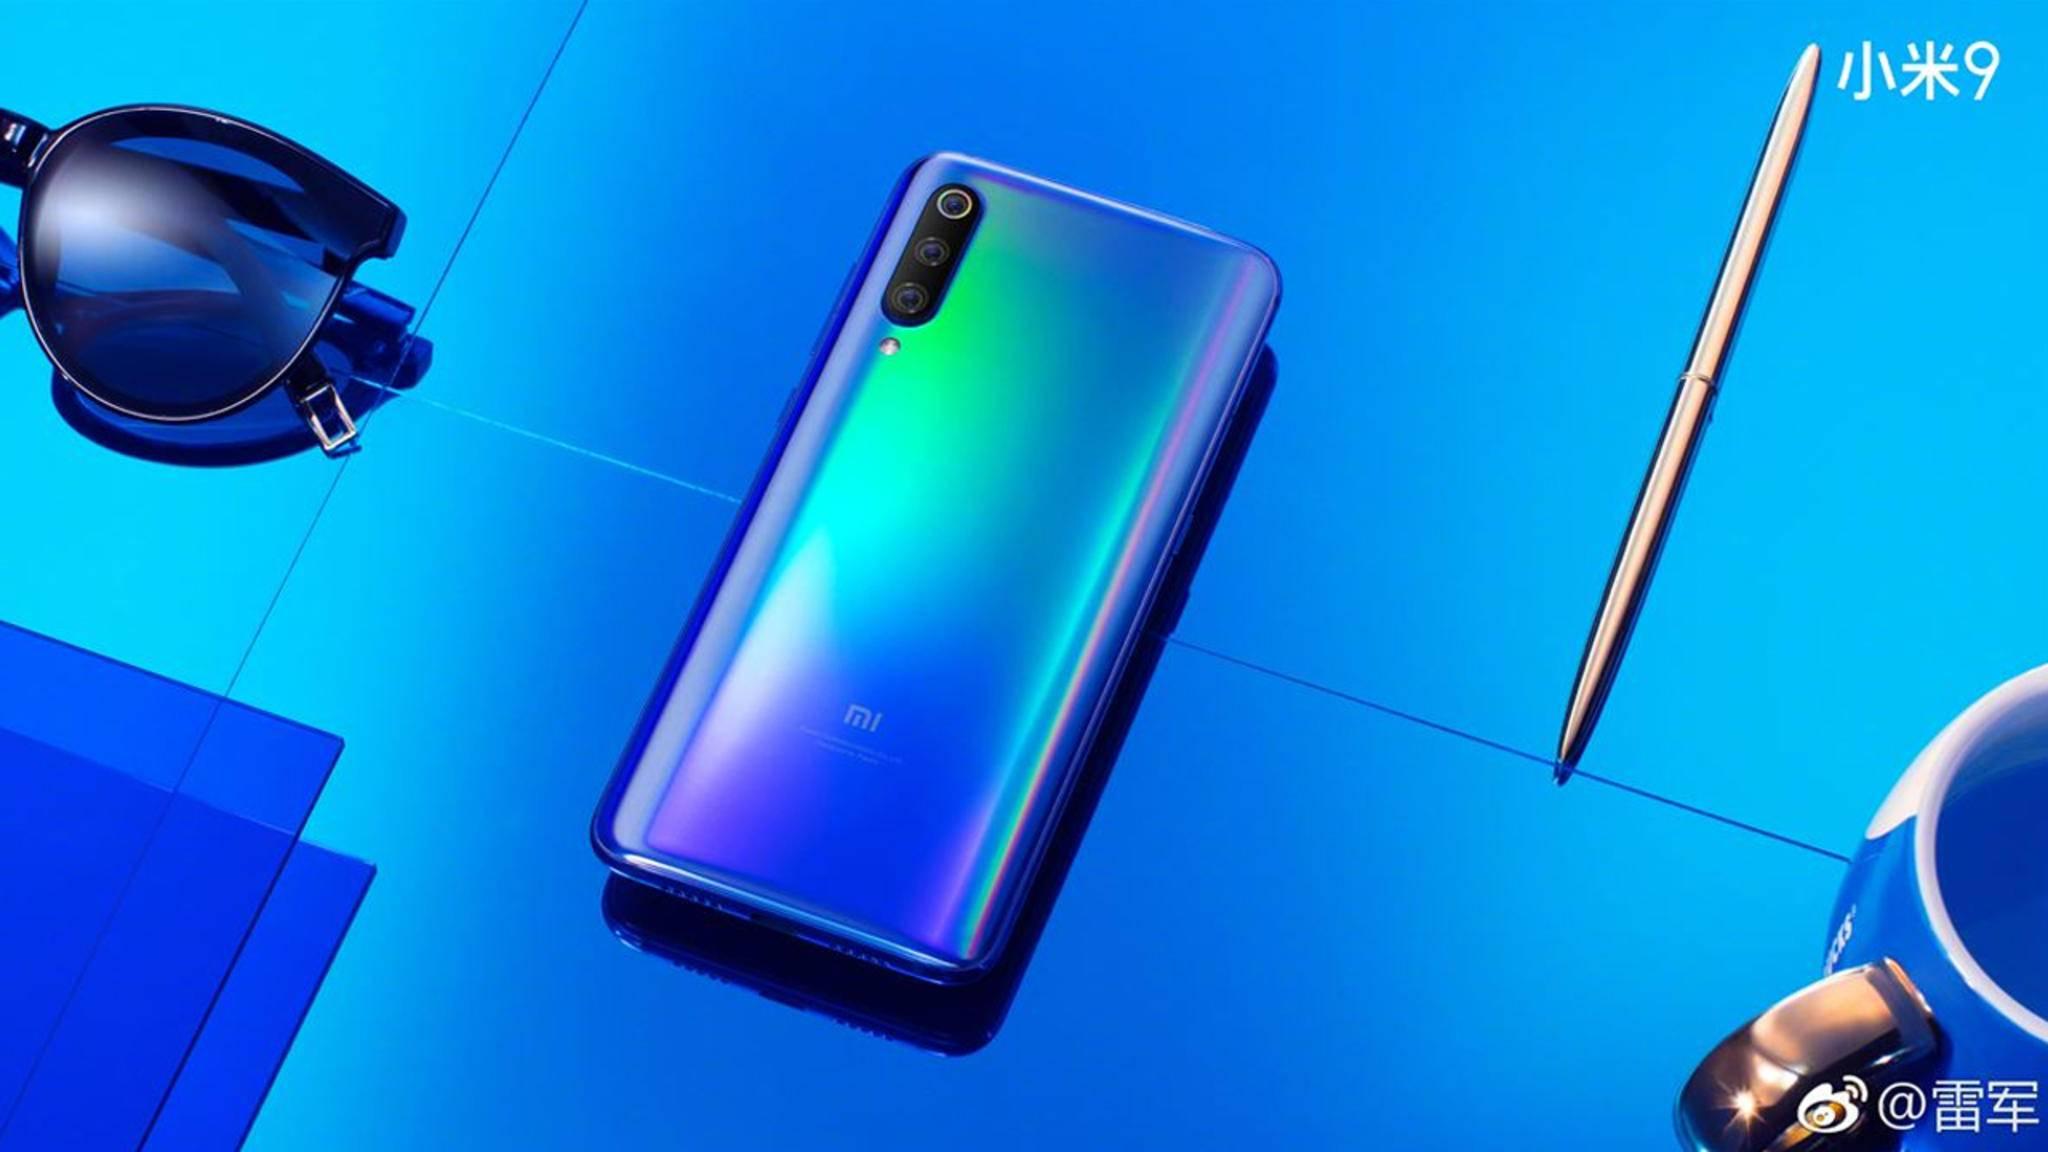 Xiaomi Mi 9: So stark wird das neue China-Smartphone